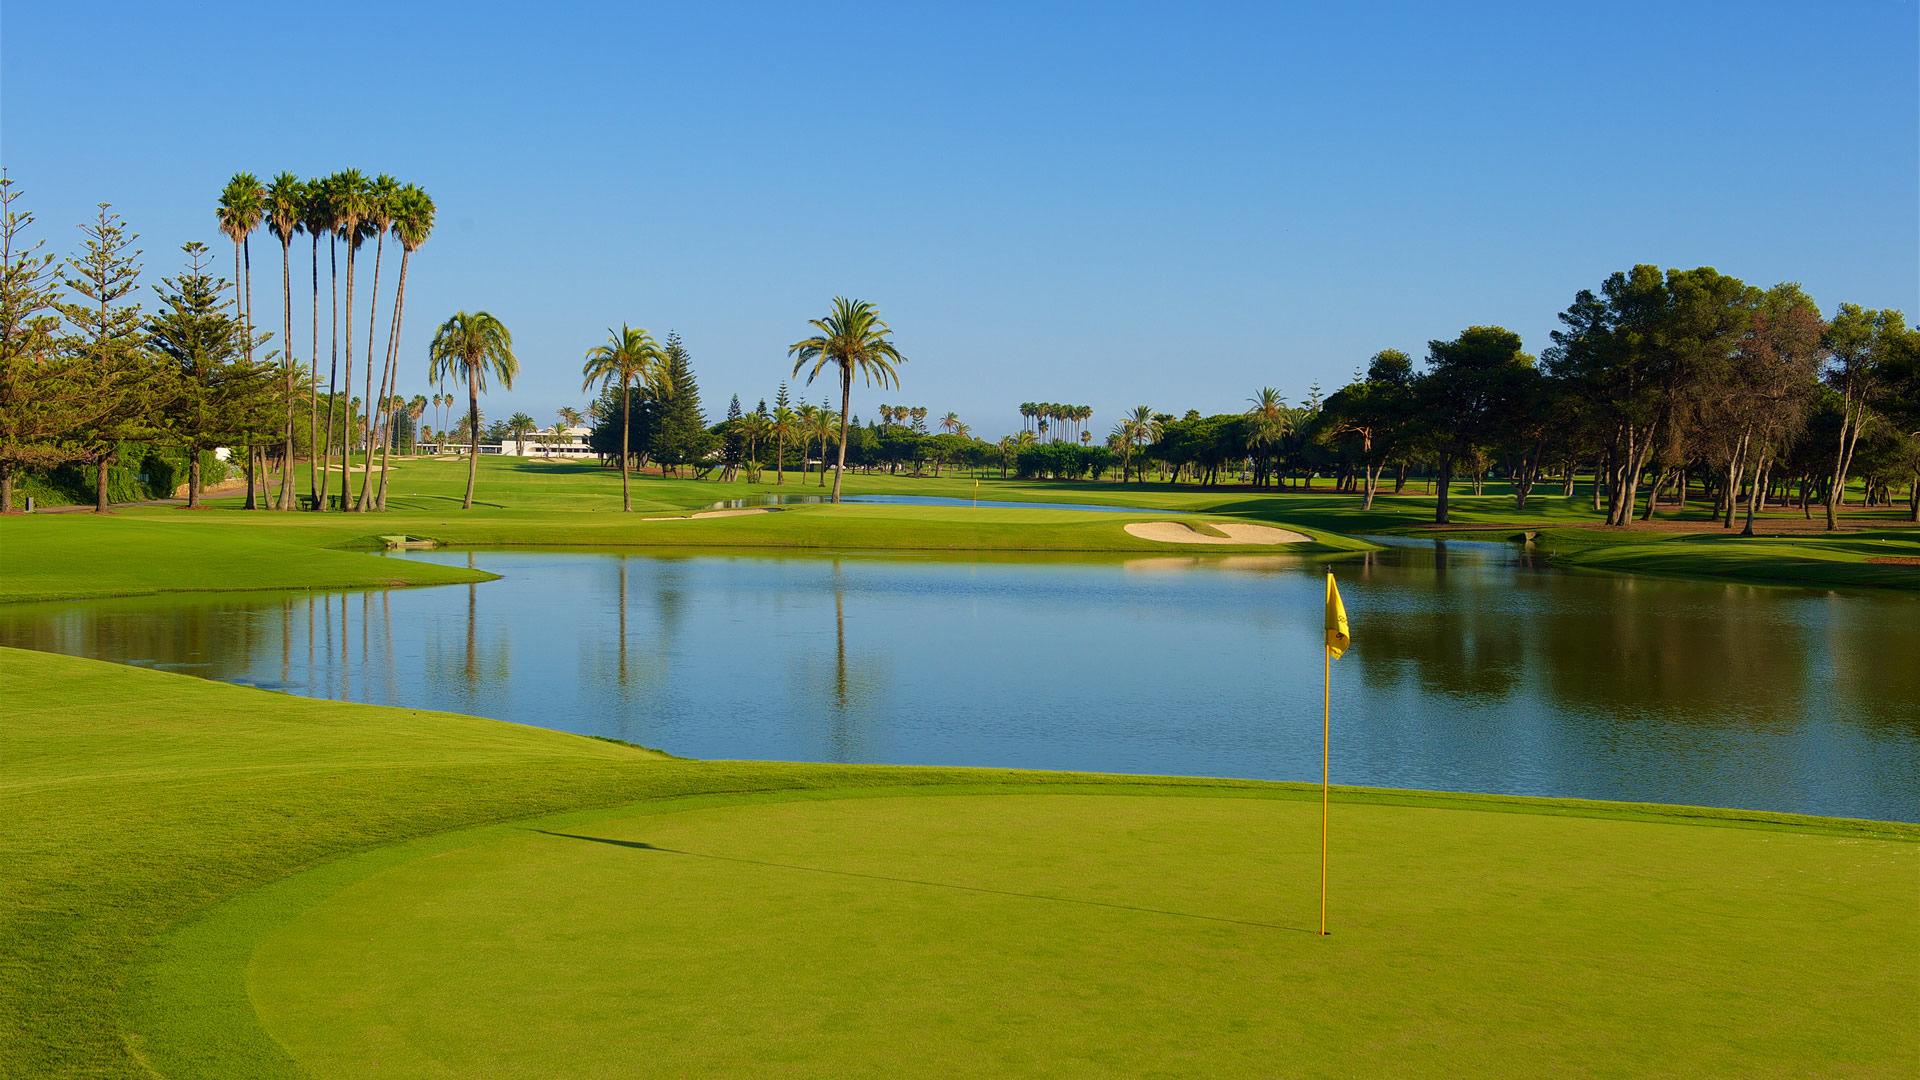 Real club de golf sotogrande cover picture